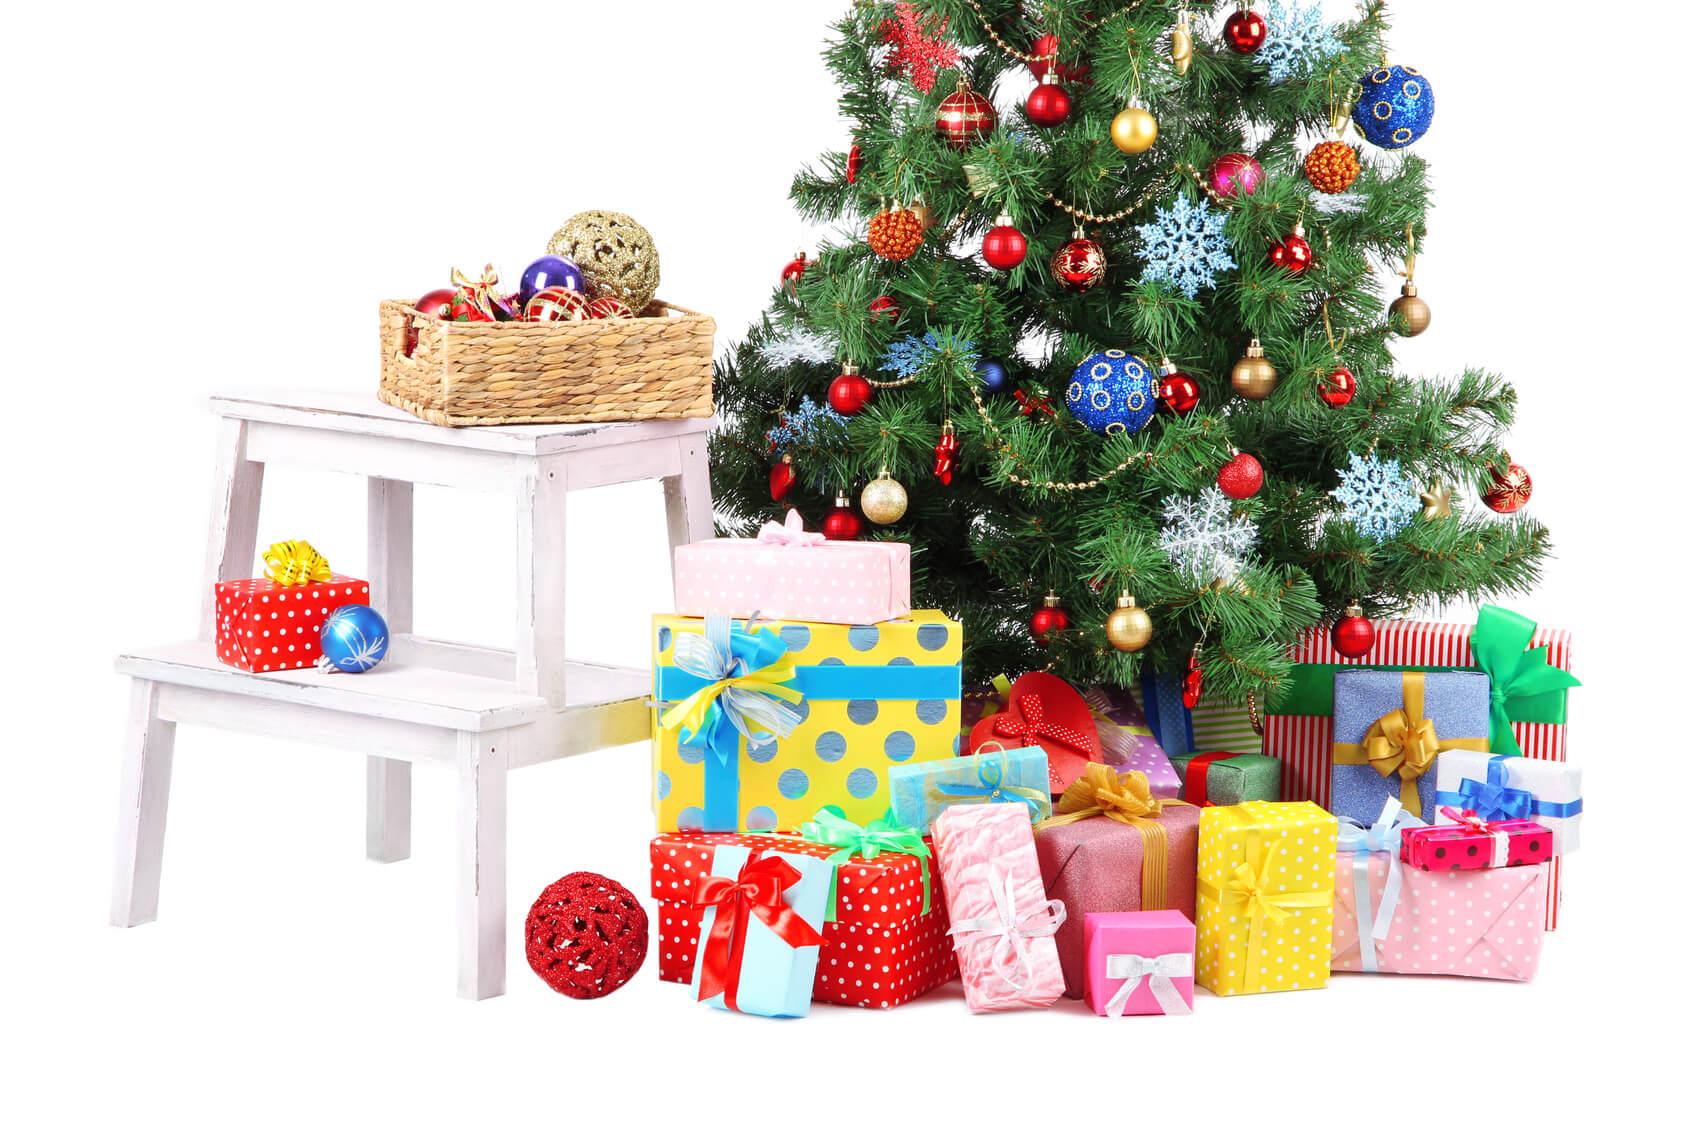 Definici n de rbol de navidad concepto en definici n abc - Arbol de navidad hecho de luces ...